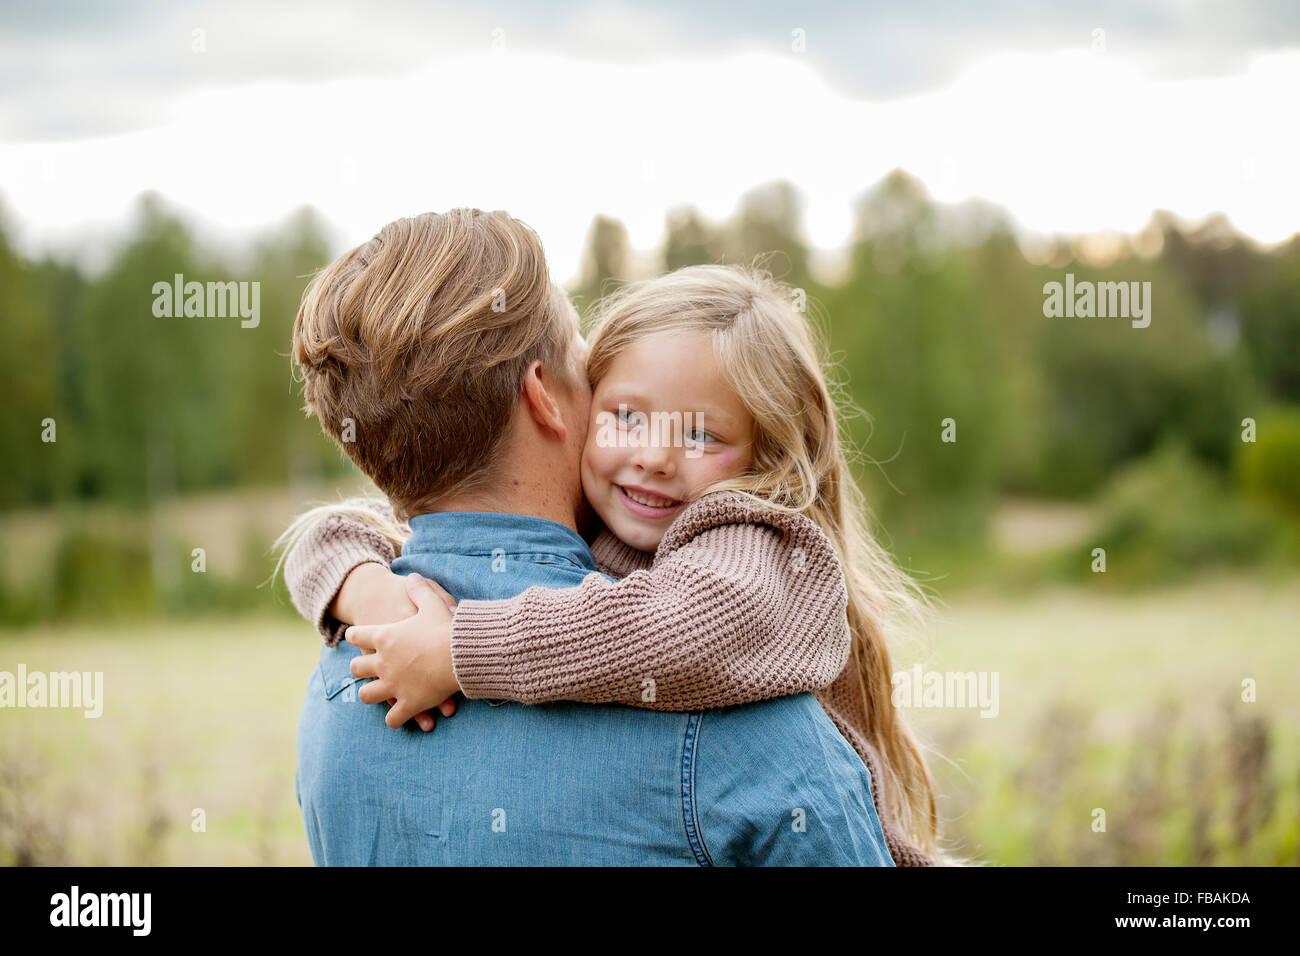 Finlandia, Uusimaa, Raasepori, Karjaa, joven (6-7) abrazando a su padre Imagen De Stock